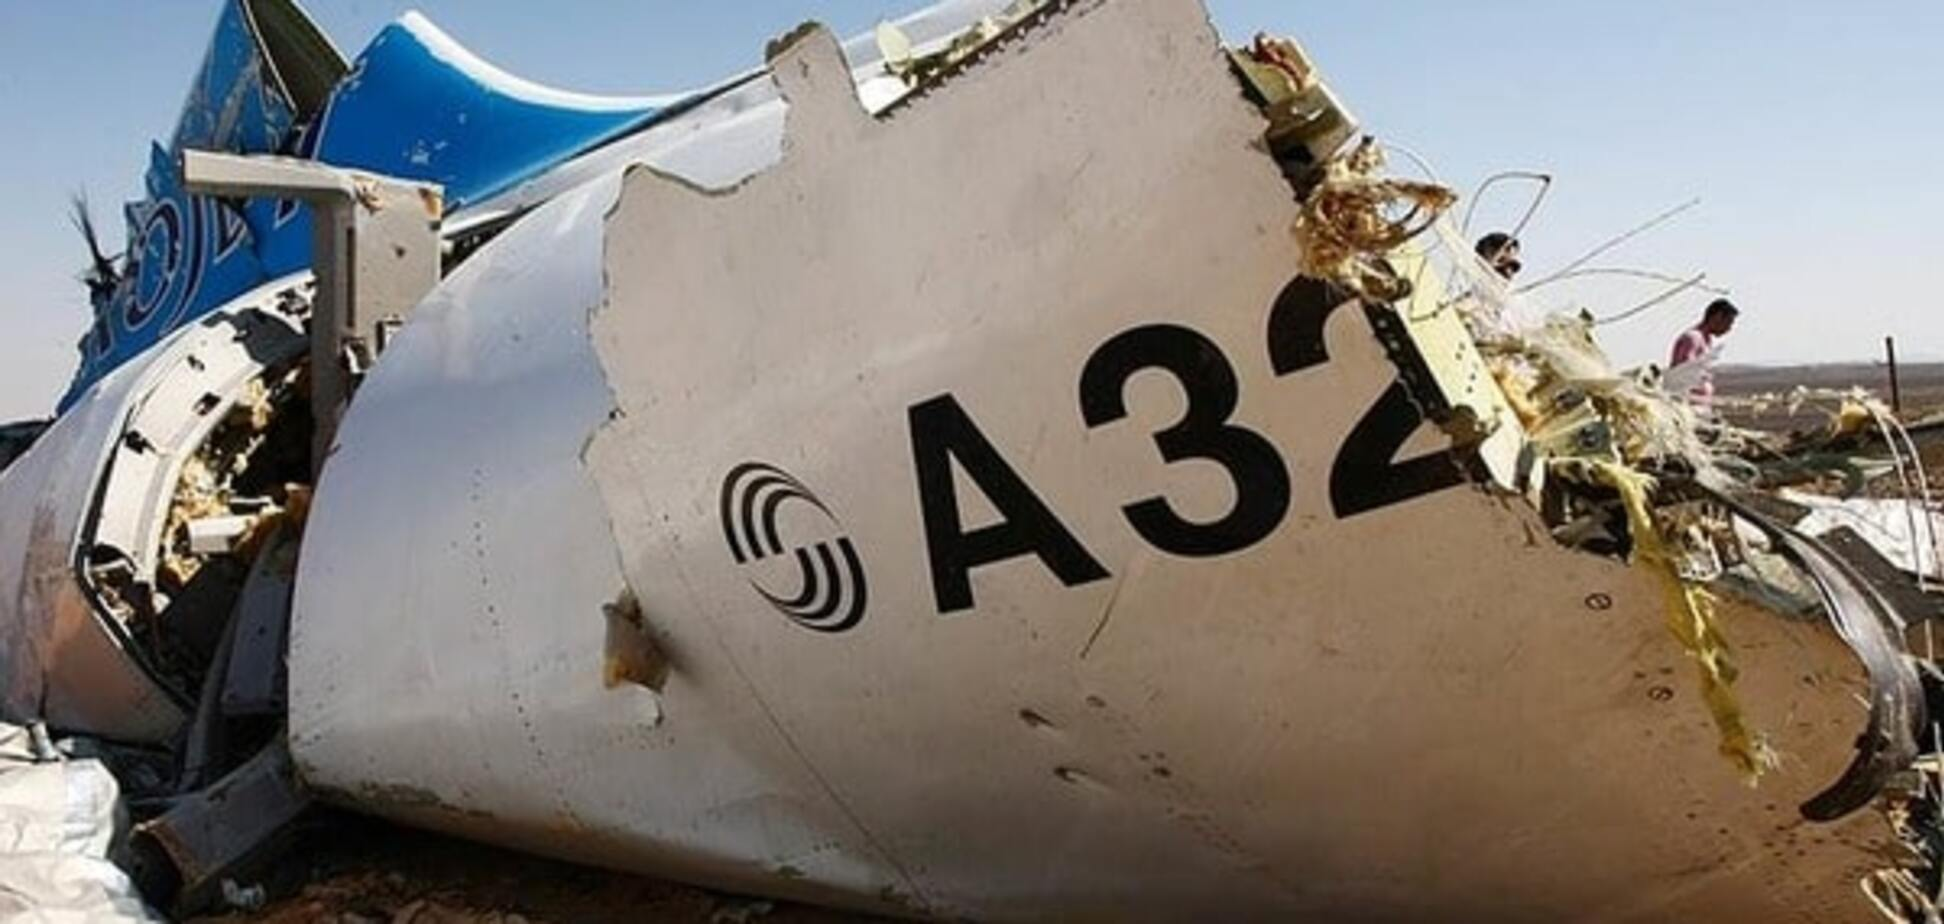 ФСБ не нашла 'турецкого следа' в авиакатастрофе A321 в Египте